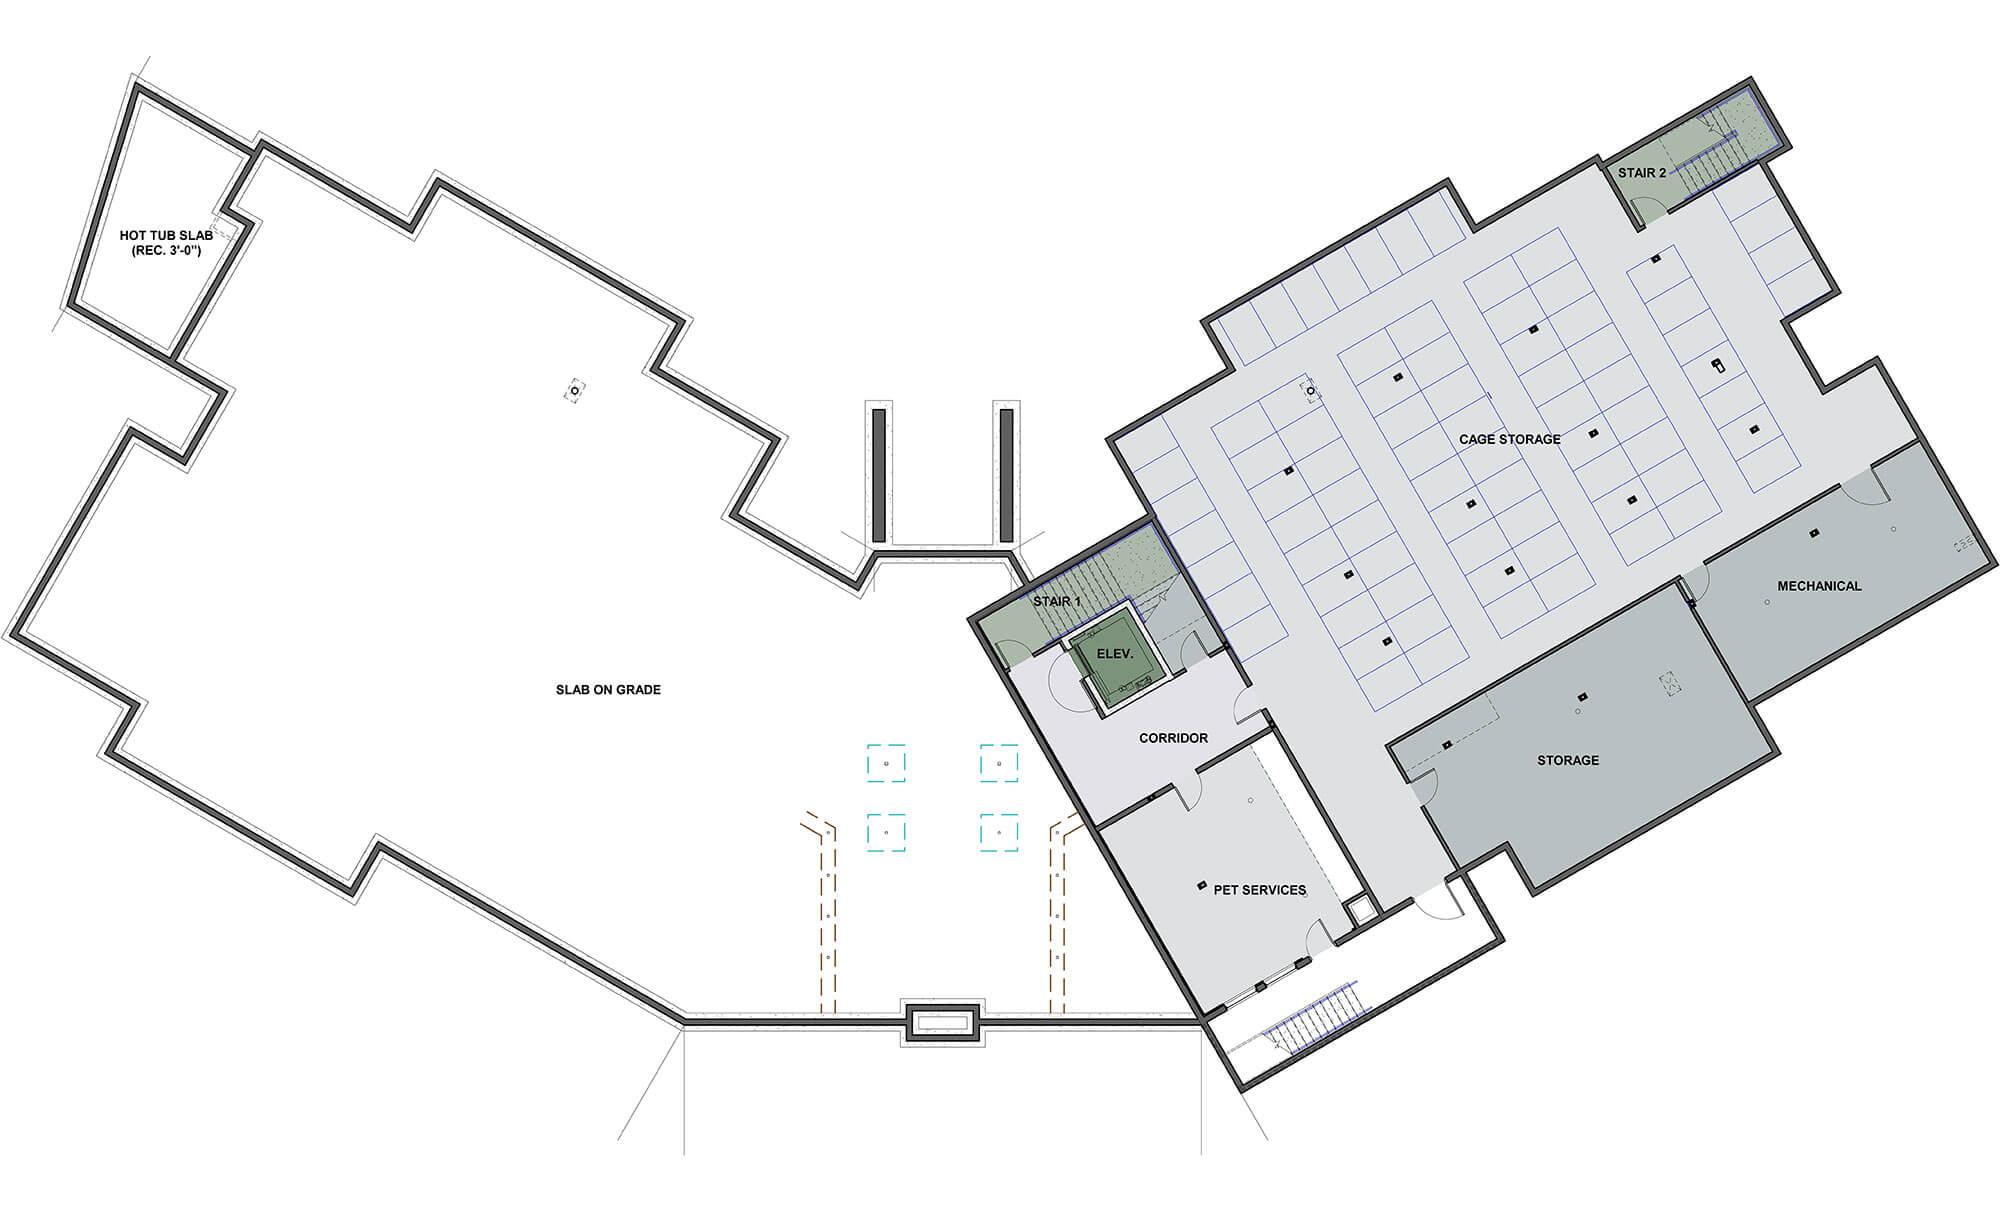 Sopris Lodge floor plan rendering